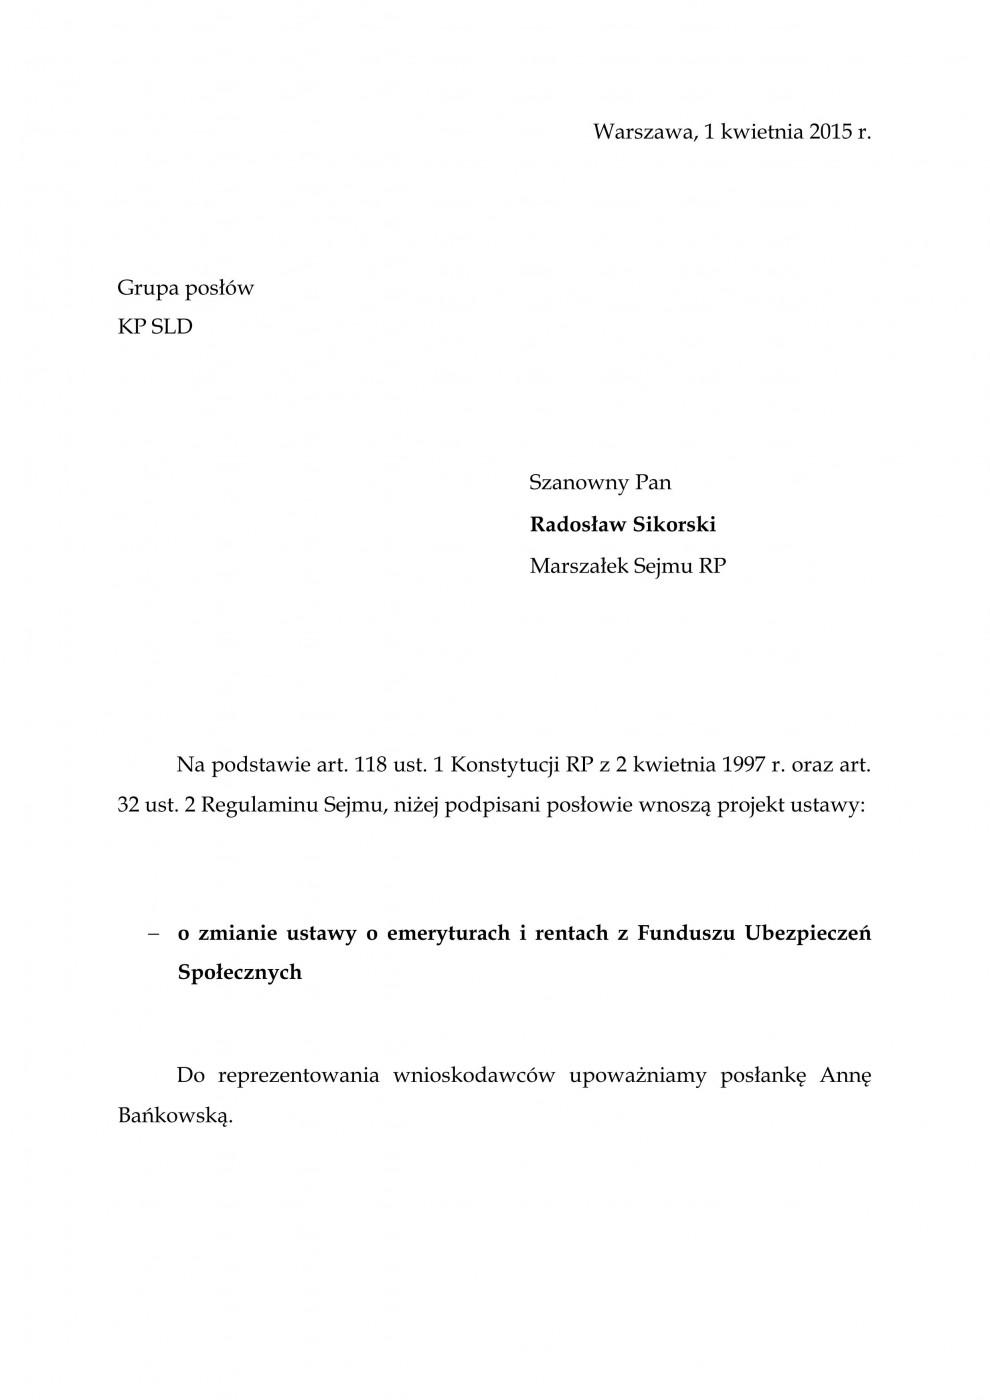 35_40_projekt_ustawy-SLD